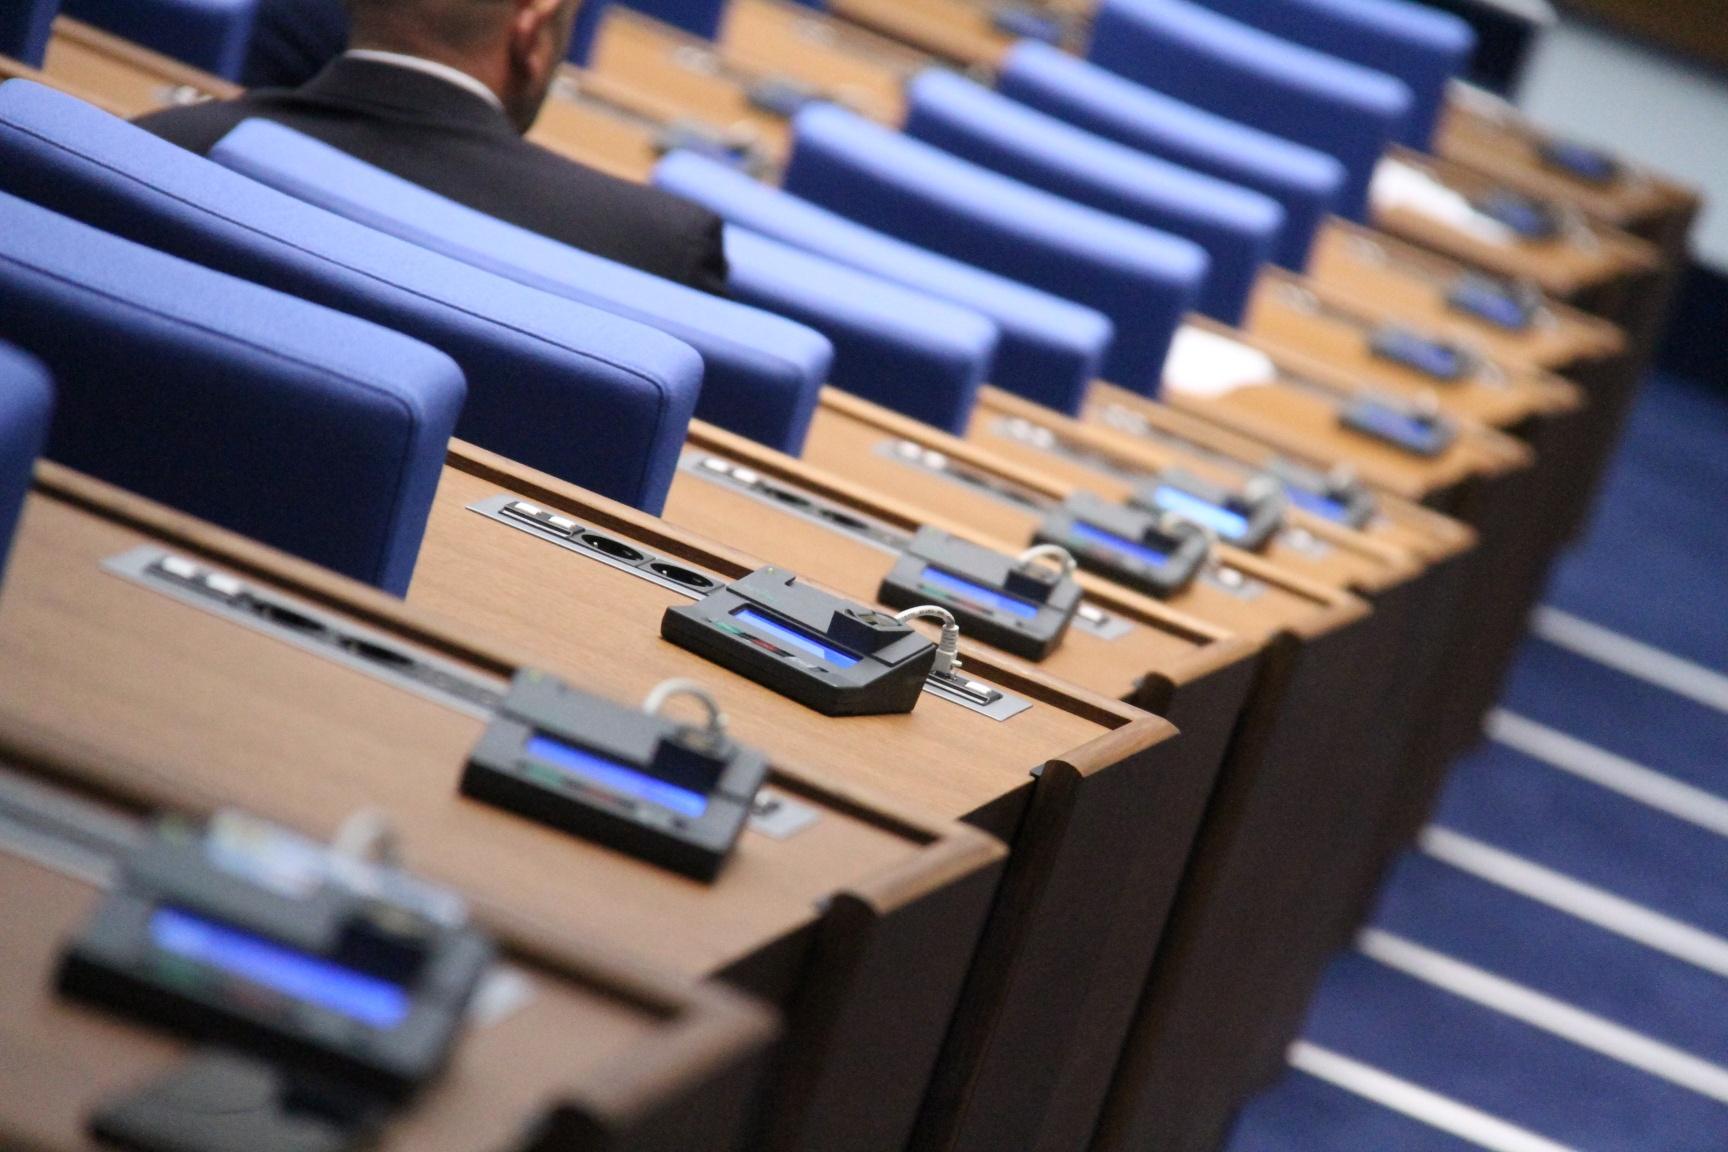 Започва предпоследната работа седмица на това Народно събрание. Депутатите трябва